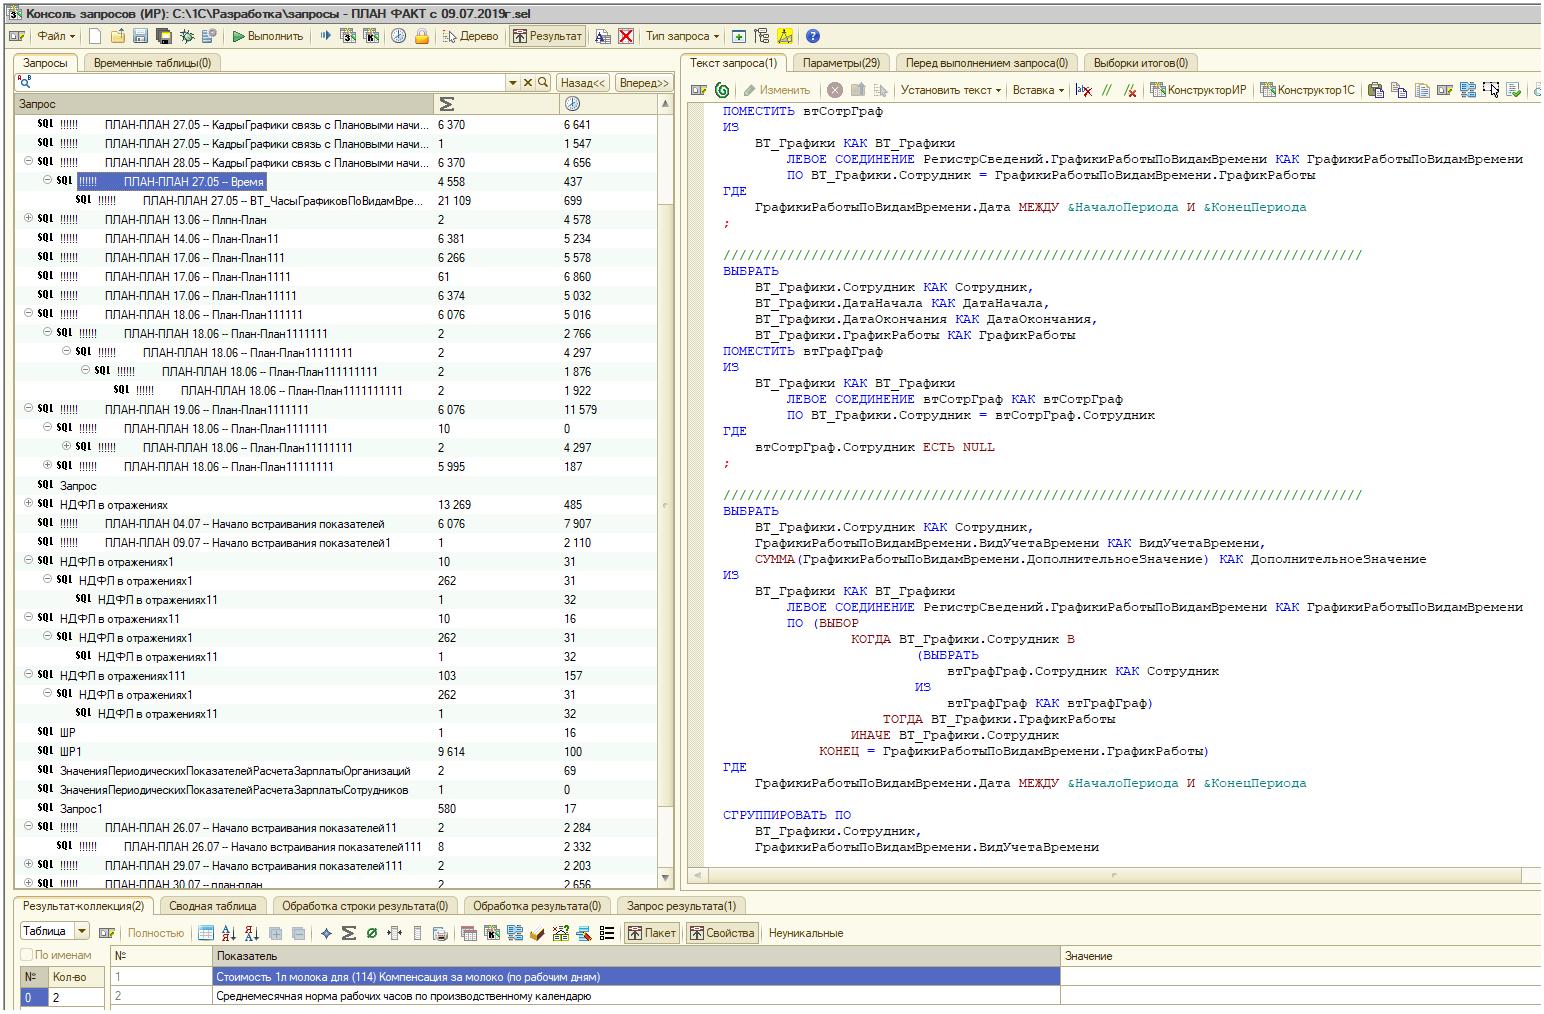 Как разбираться в больших запросах. Консоль запросов с временными таблицами. Как посмотреть, чем заполнены временные таблицы в запросе (1С: v8: Язык Запросов: просмотр Временных Таблиц)